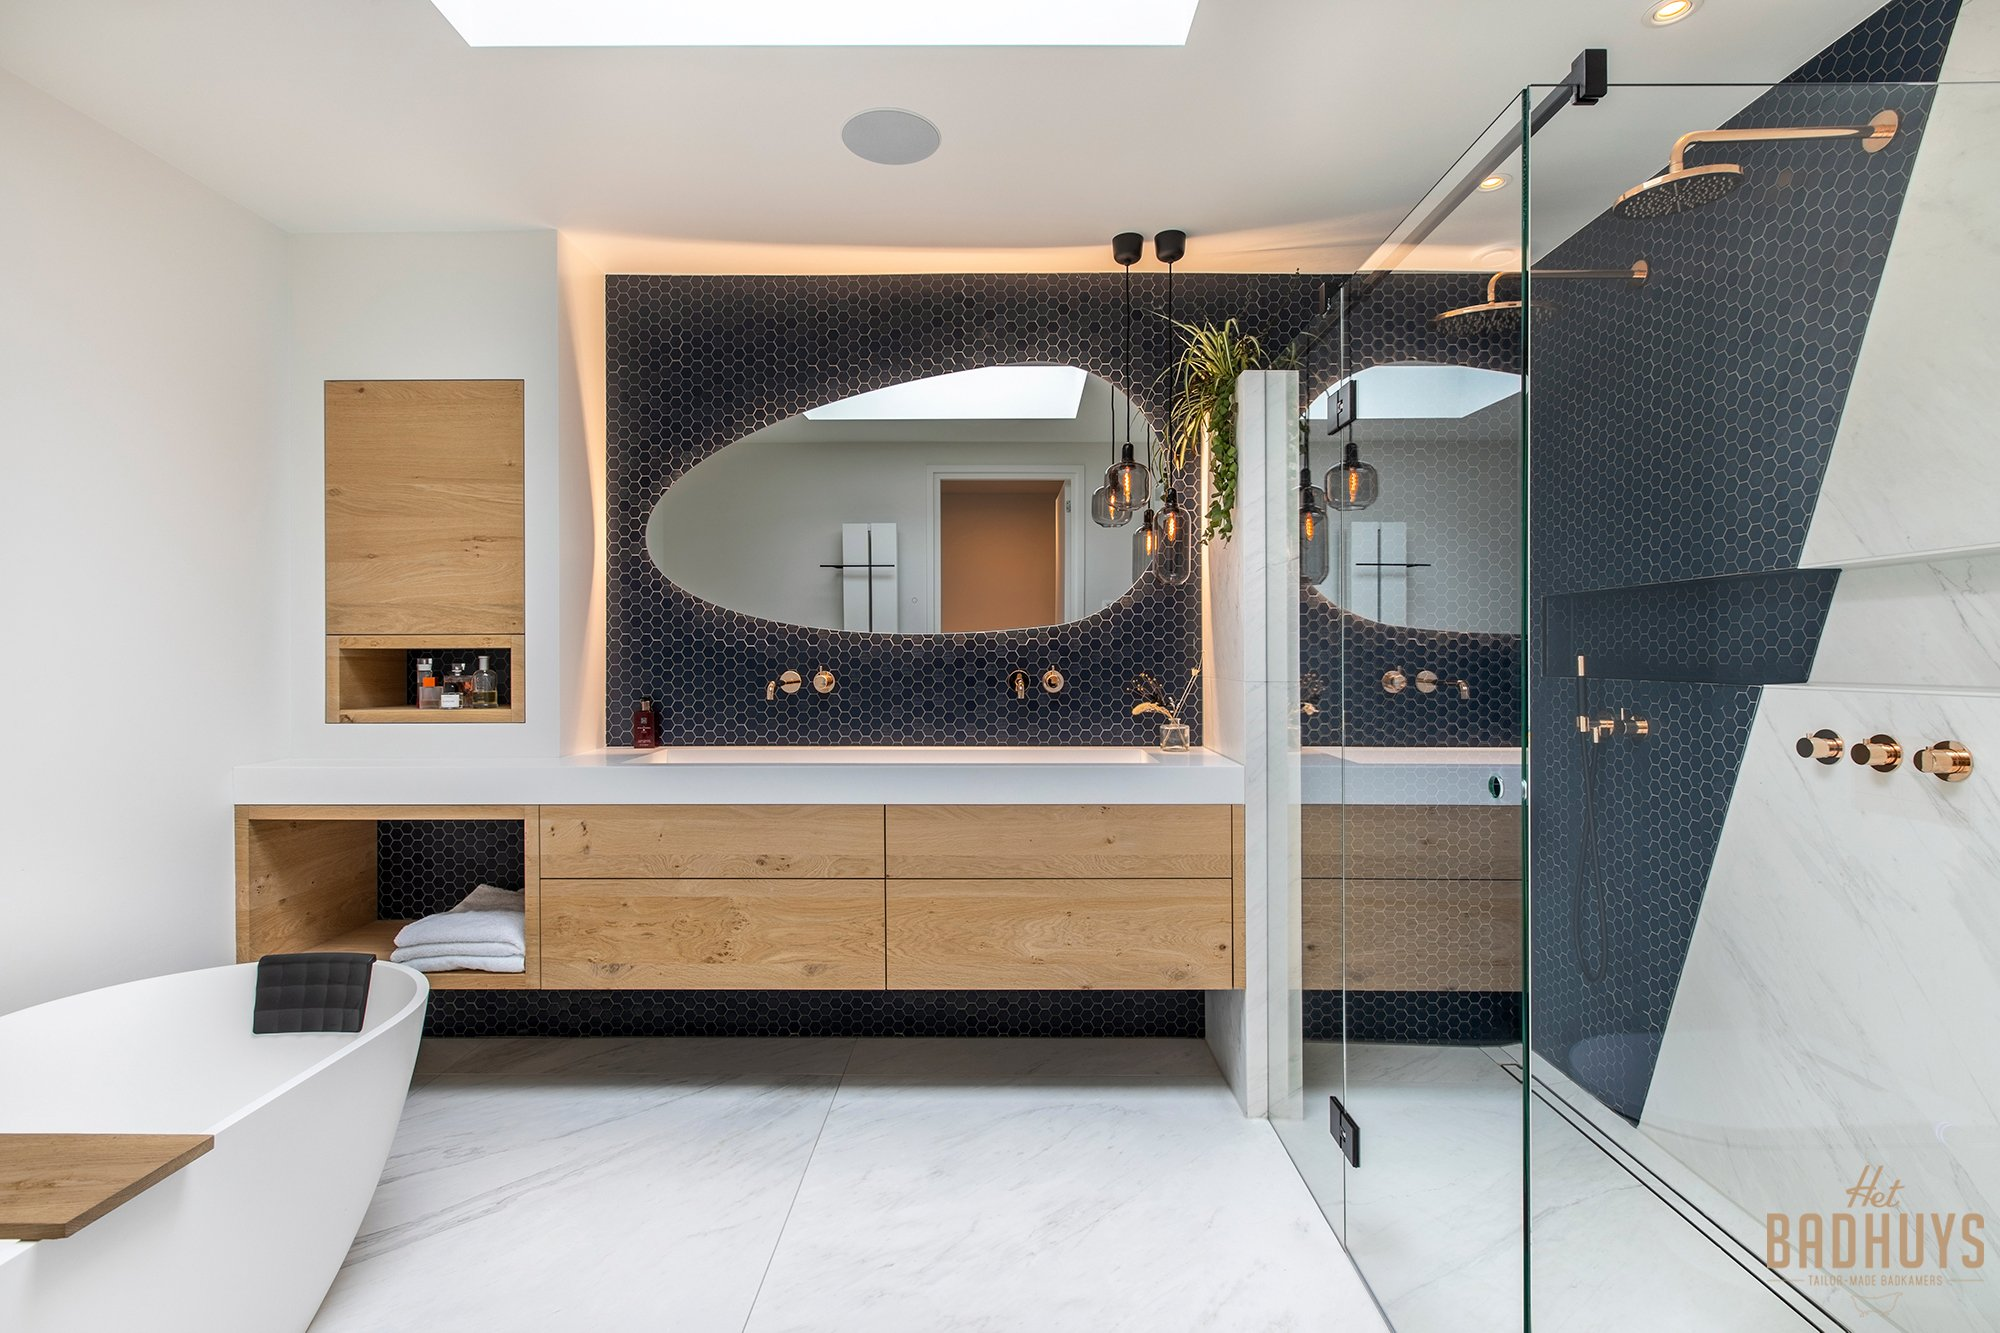 Luxe badkamer met schitterend maatwerk meubel in licht eiken welke zorgt voor een eigentijds design.